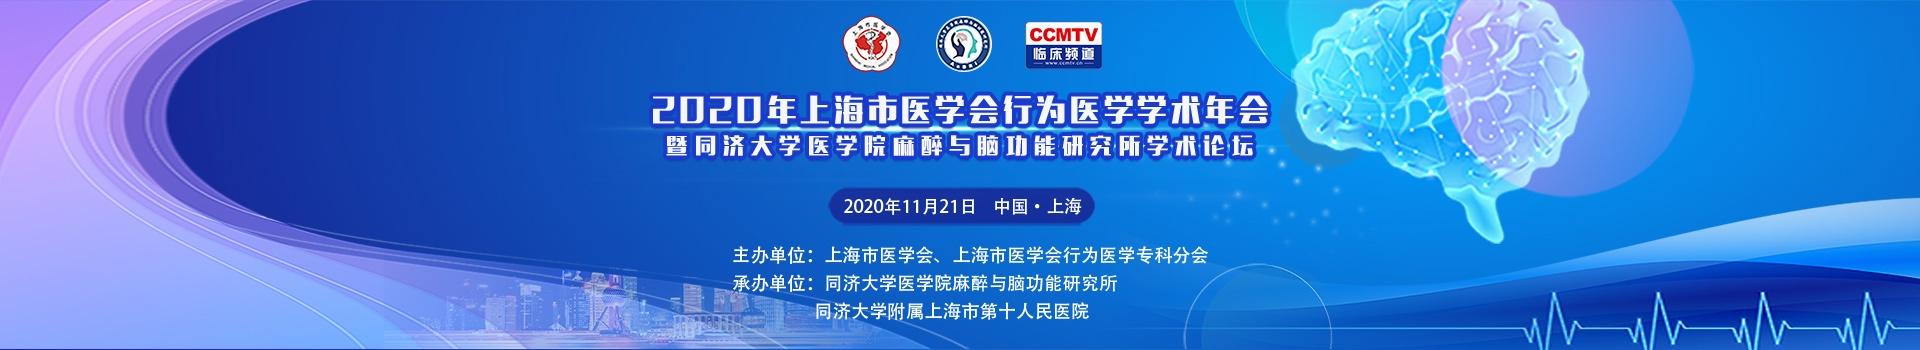 2020年上海市医学会行为医学学术年会